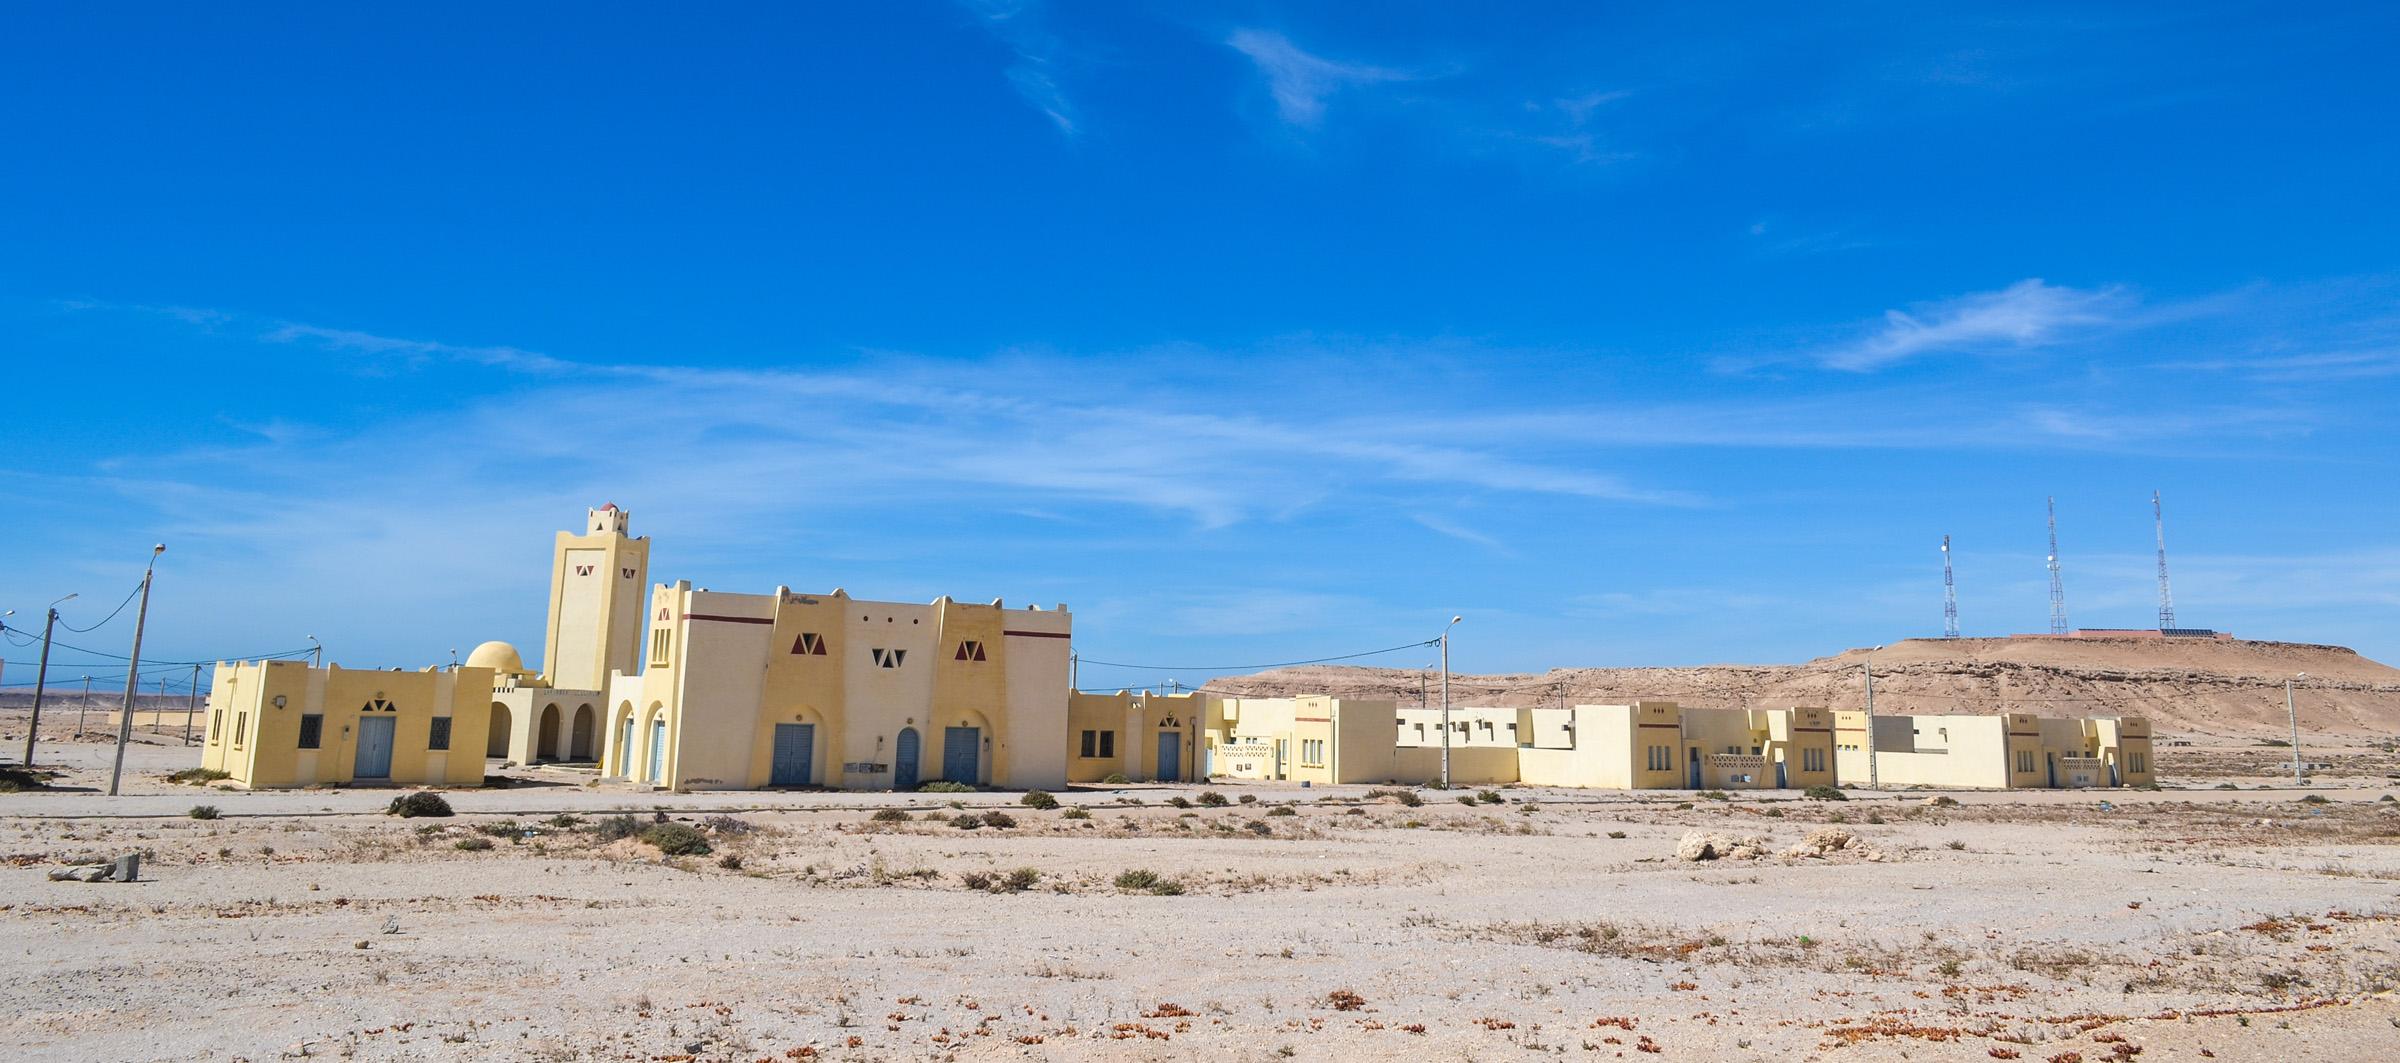 Oued Kraa, Western Sahara - by jbdodane